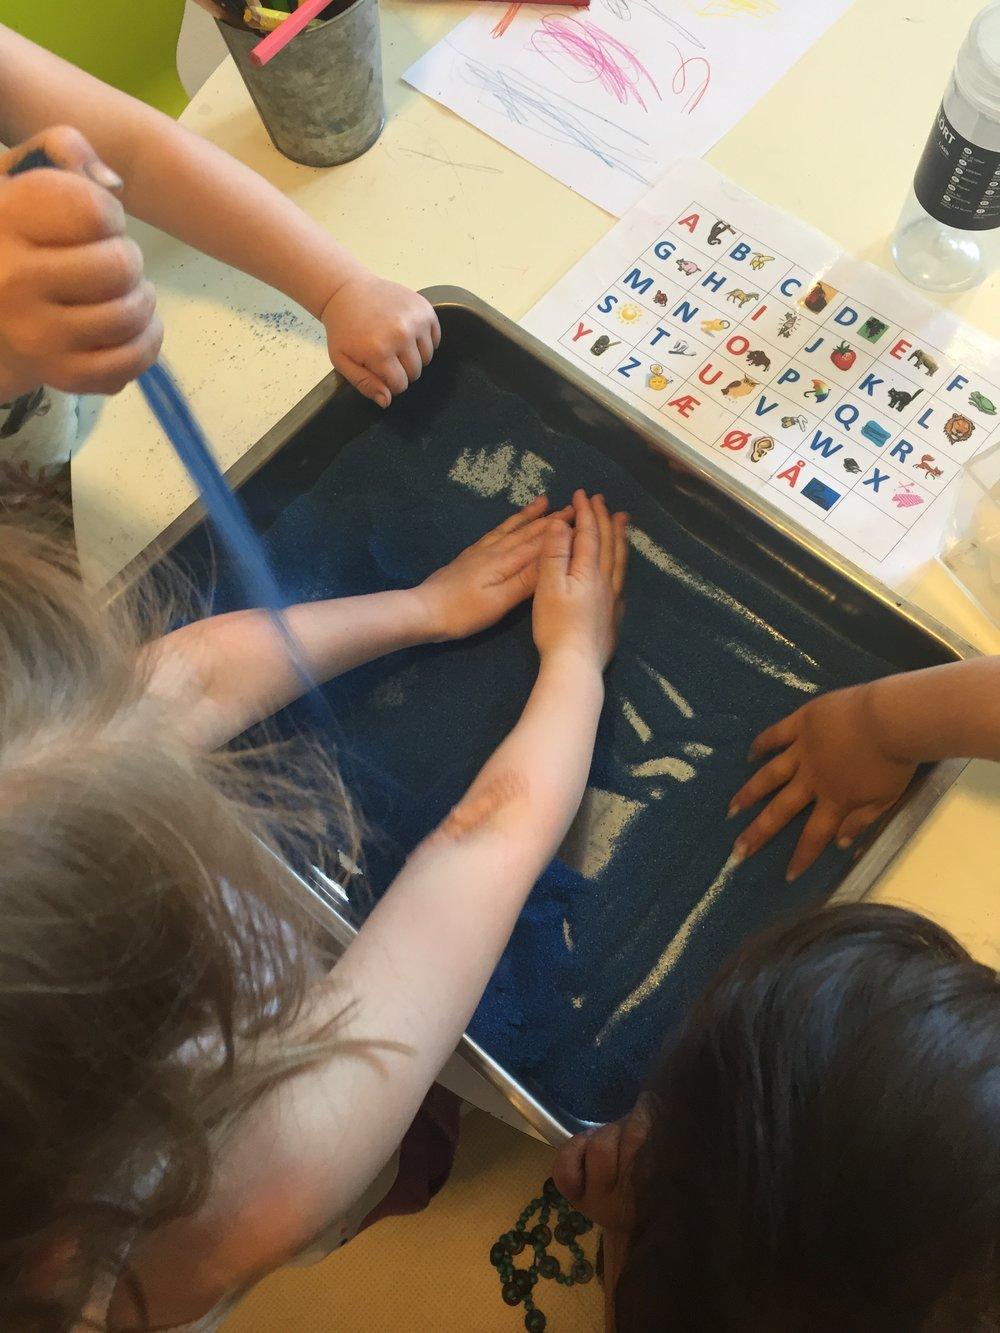 Barna tegner bokstaver. Sanden sklir utover, dekker over, den sprer seg. Sanden innbyr til ekspressivitet.